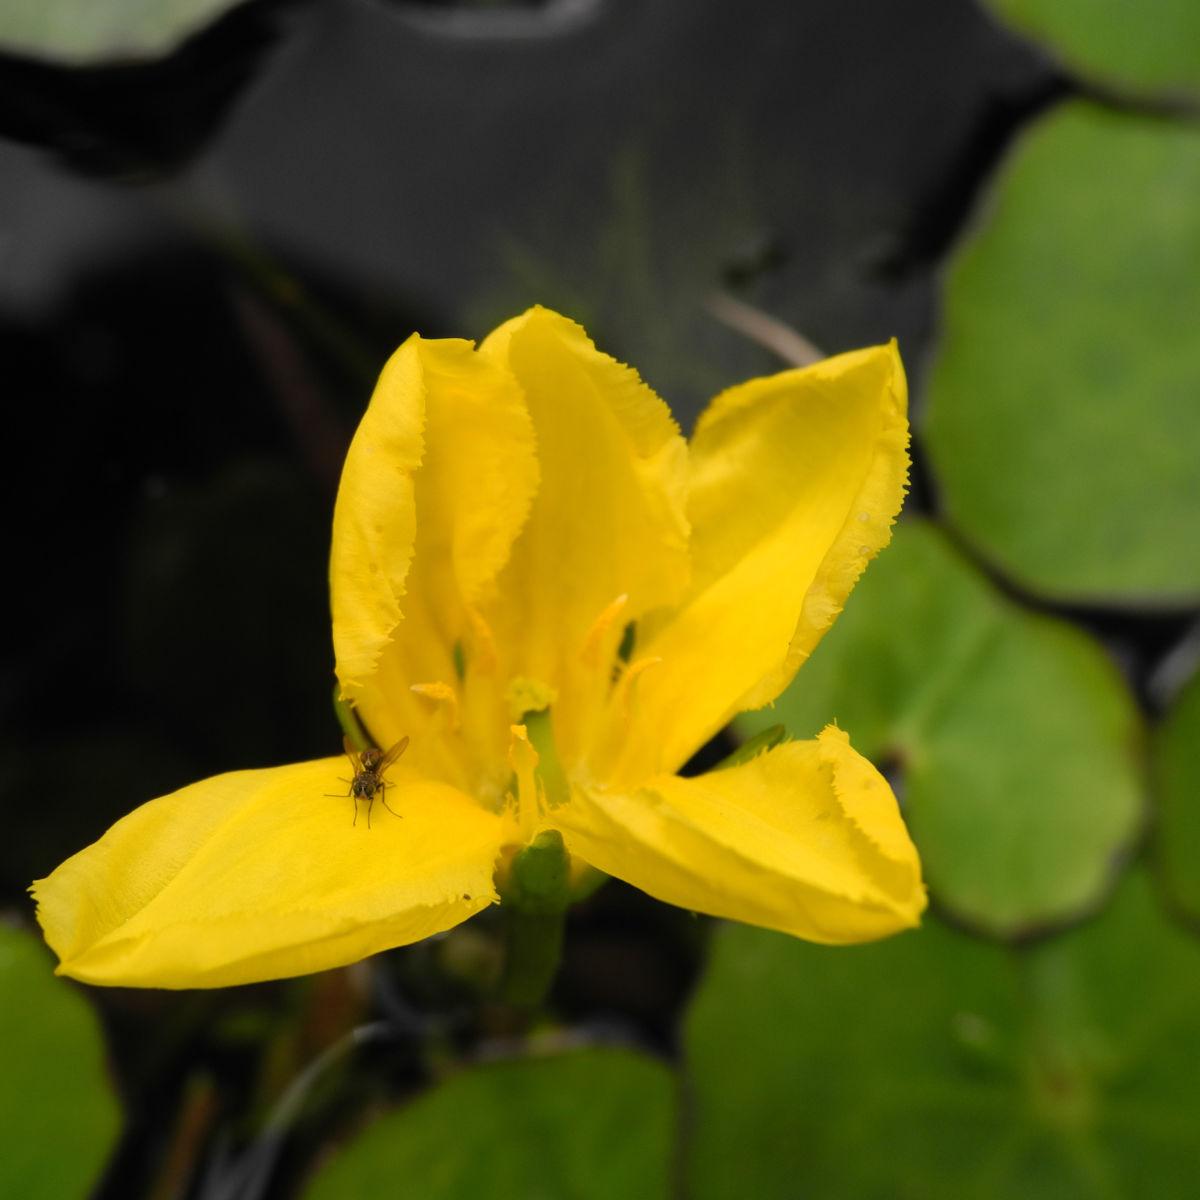 Europaeische Seekanne Bluete gelb Nymphoides peltata